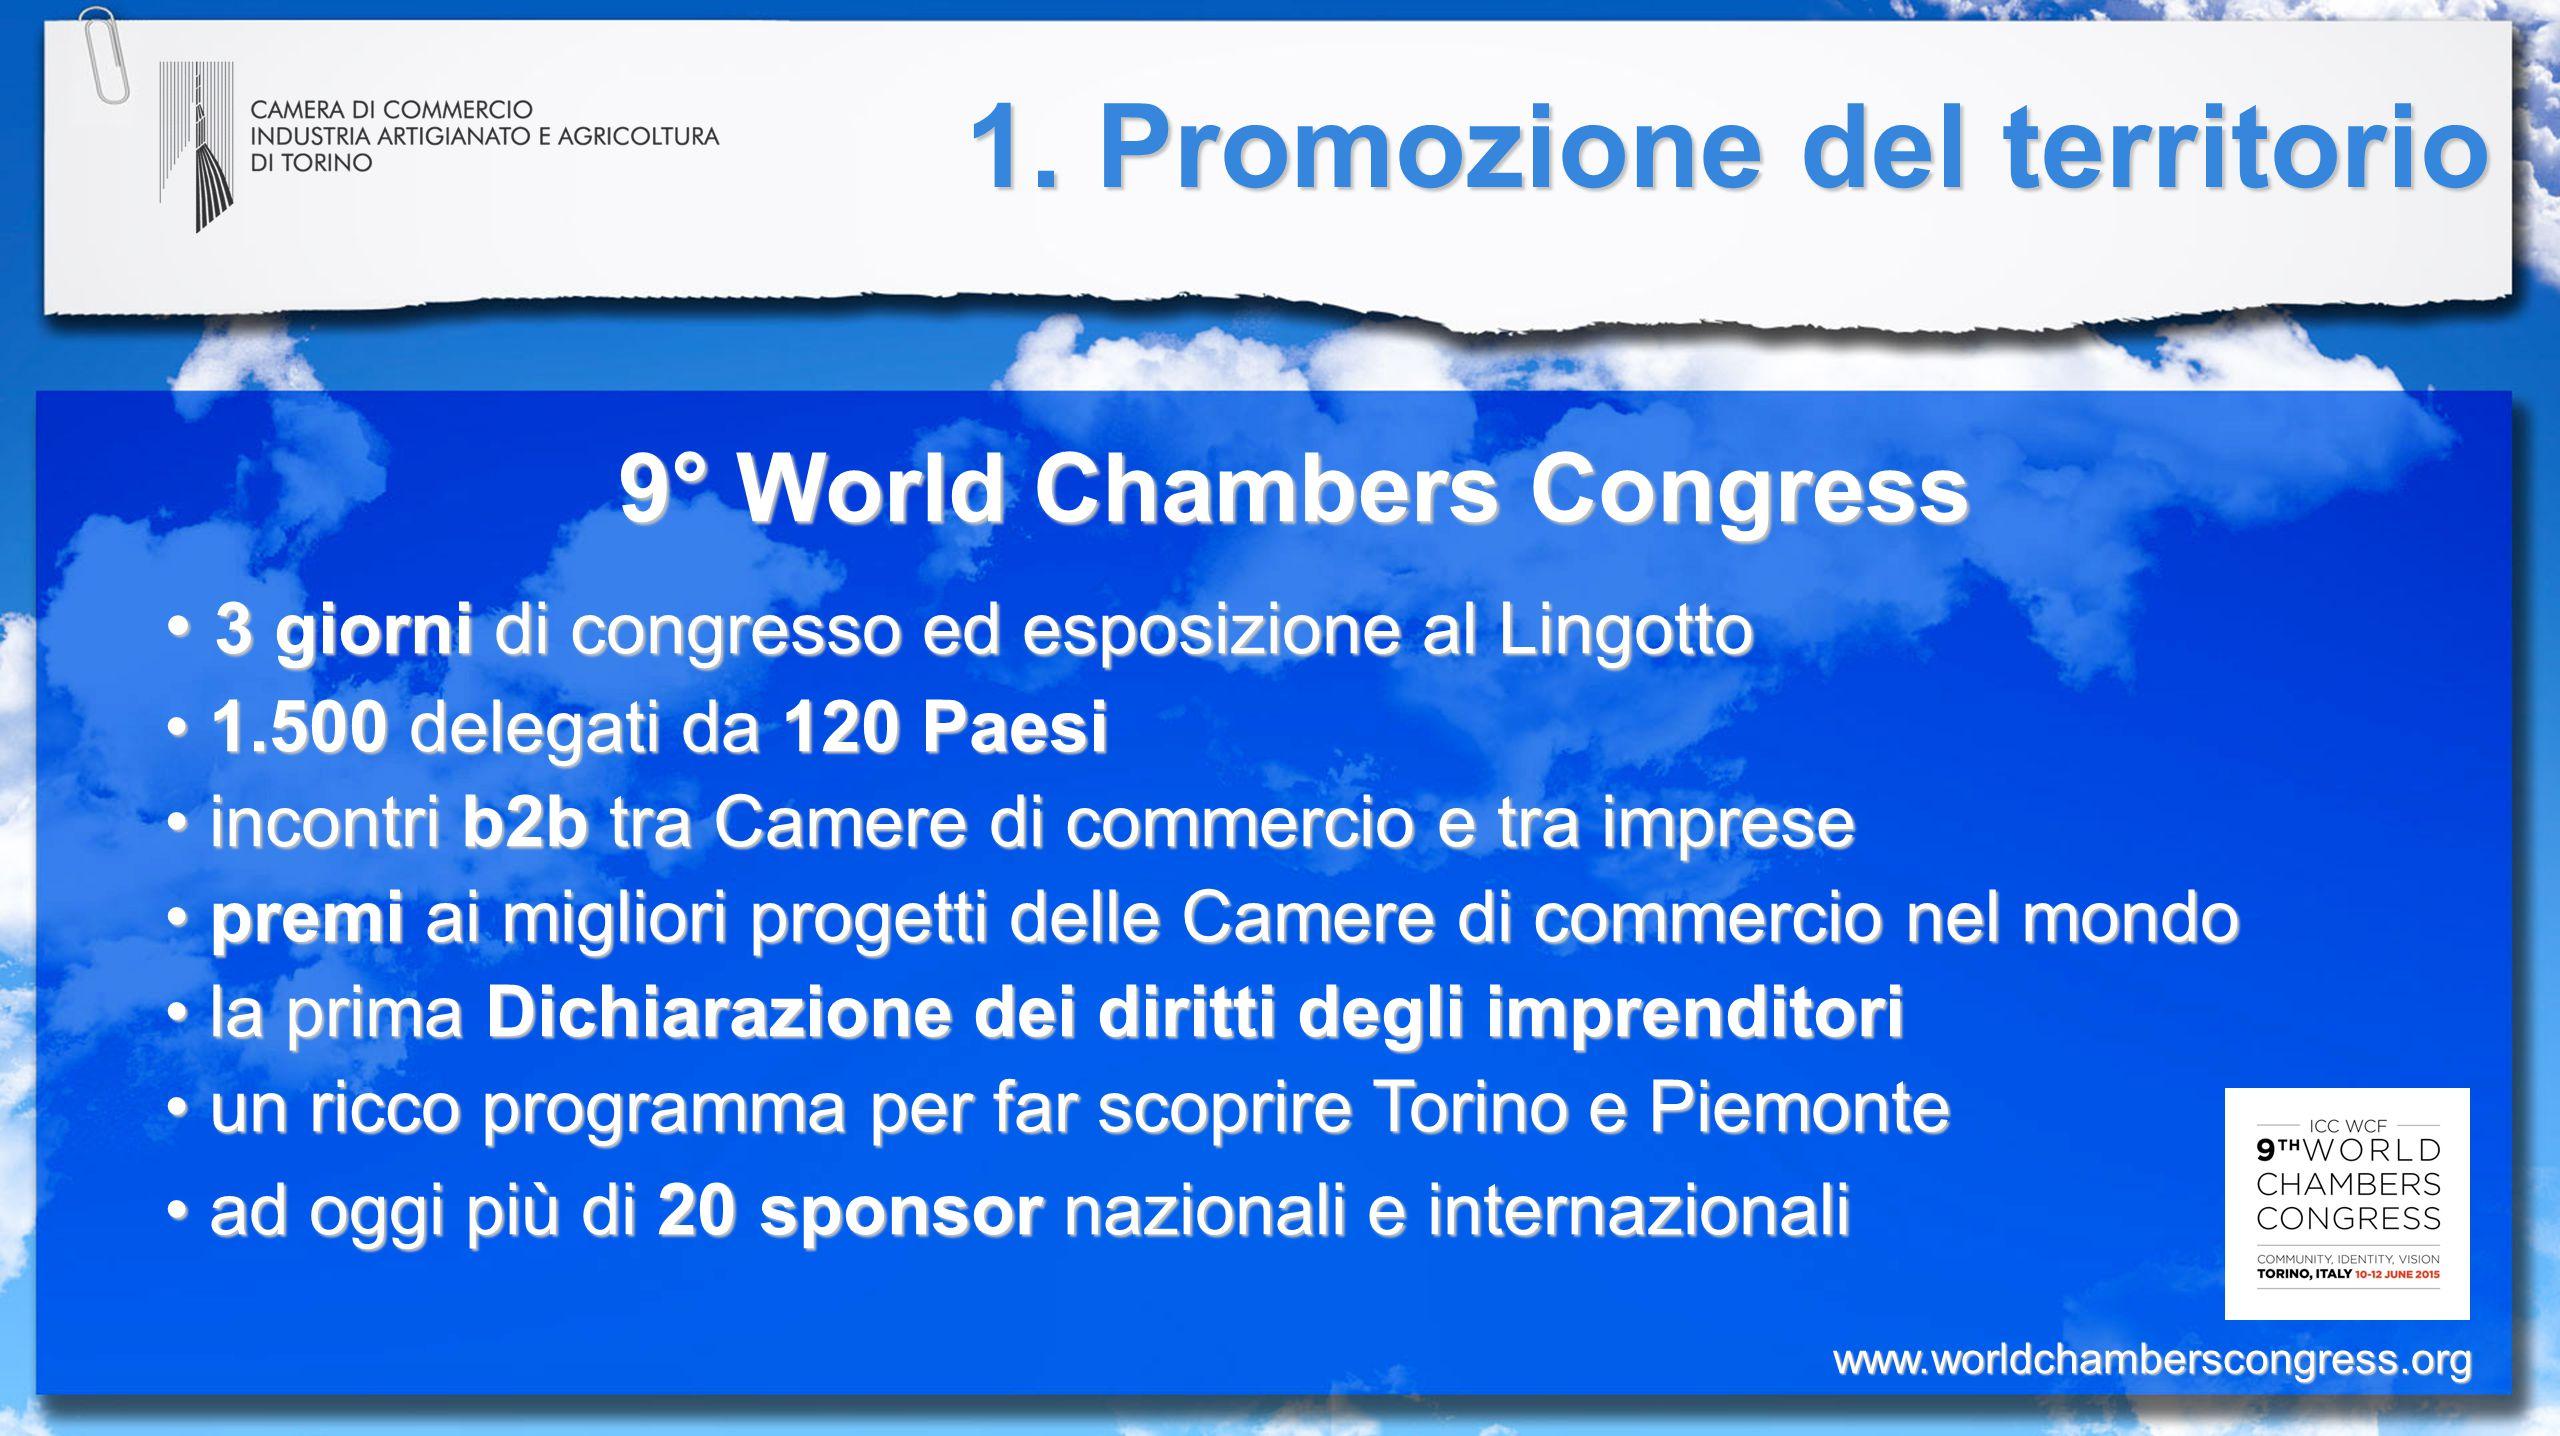 Meet@Torino Network per scambiare esperienze e fare business tra professionisti piemontesi all'estero e la comunità di imprenditori di Torino e PiemonteNetwork per scambiare esperienze e fare business tra professionisti piemontesi all'estero e la comunità di imprenditori di Torino e Piemonte Meeting 2013: 45 partecipanti dall'estero e 83 aziende piemontesi; 230 b2b; 5 workshopMeeting 2013: 45 partecipanti dall'estero e 83 aziende piemontesi; 230 b2b; 5 workshop gruppo LinkedIn con oltre 1.000 professionisti all'esterogruppo LinkedIn con oltre 1.000 professionisti all'estero novità 2015: Mentoring for International Growth, 29 mentori disponibili per assistenza gratuita alle PMI locali che vogliono crescere all'esteronovità 2015: Mentoring for International Growth, 29 mentori disponibili per assistenza gratuita alle PMI locali che vogliono crescere all'esterowww.meet-torino.com 2.